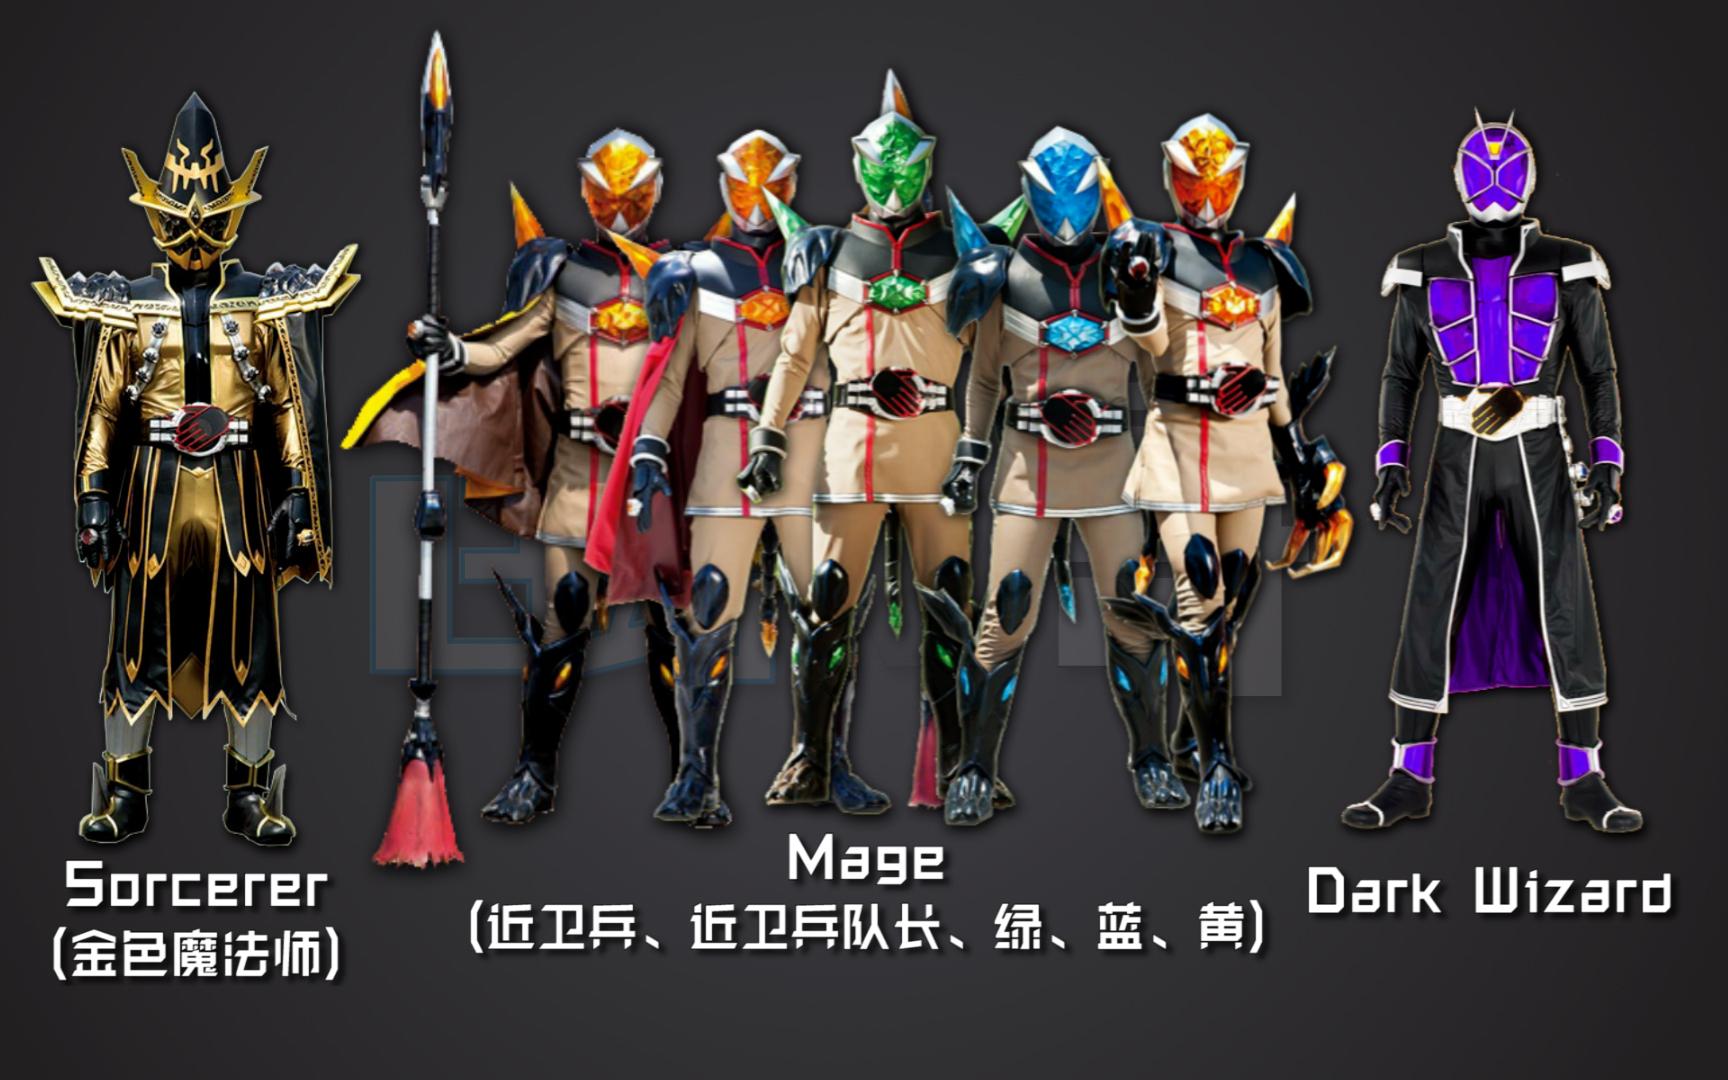 【认骑士21】Wizard篇金色魔法师、量产Mage、DarkWizard紫法爷